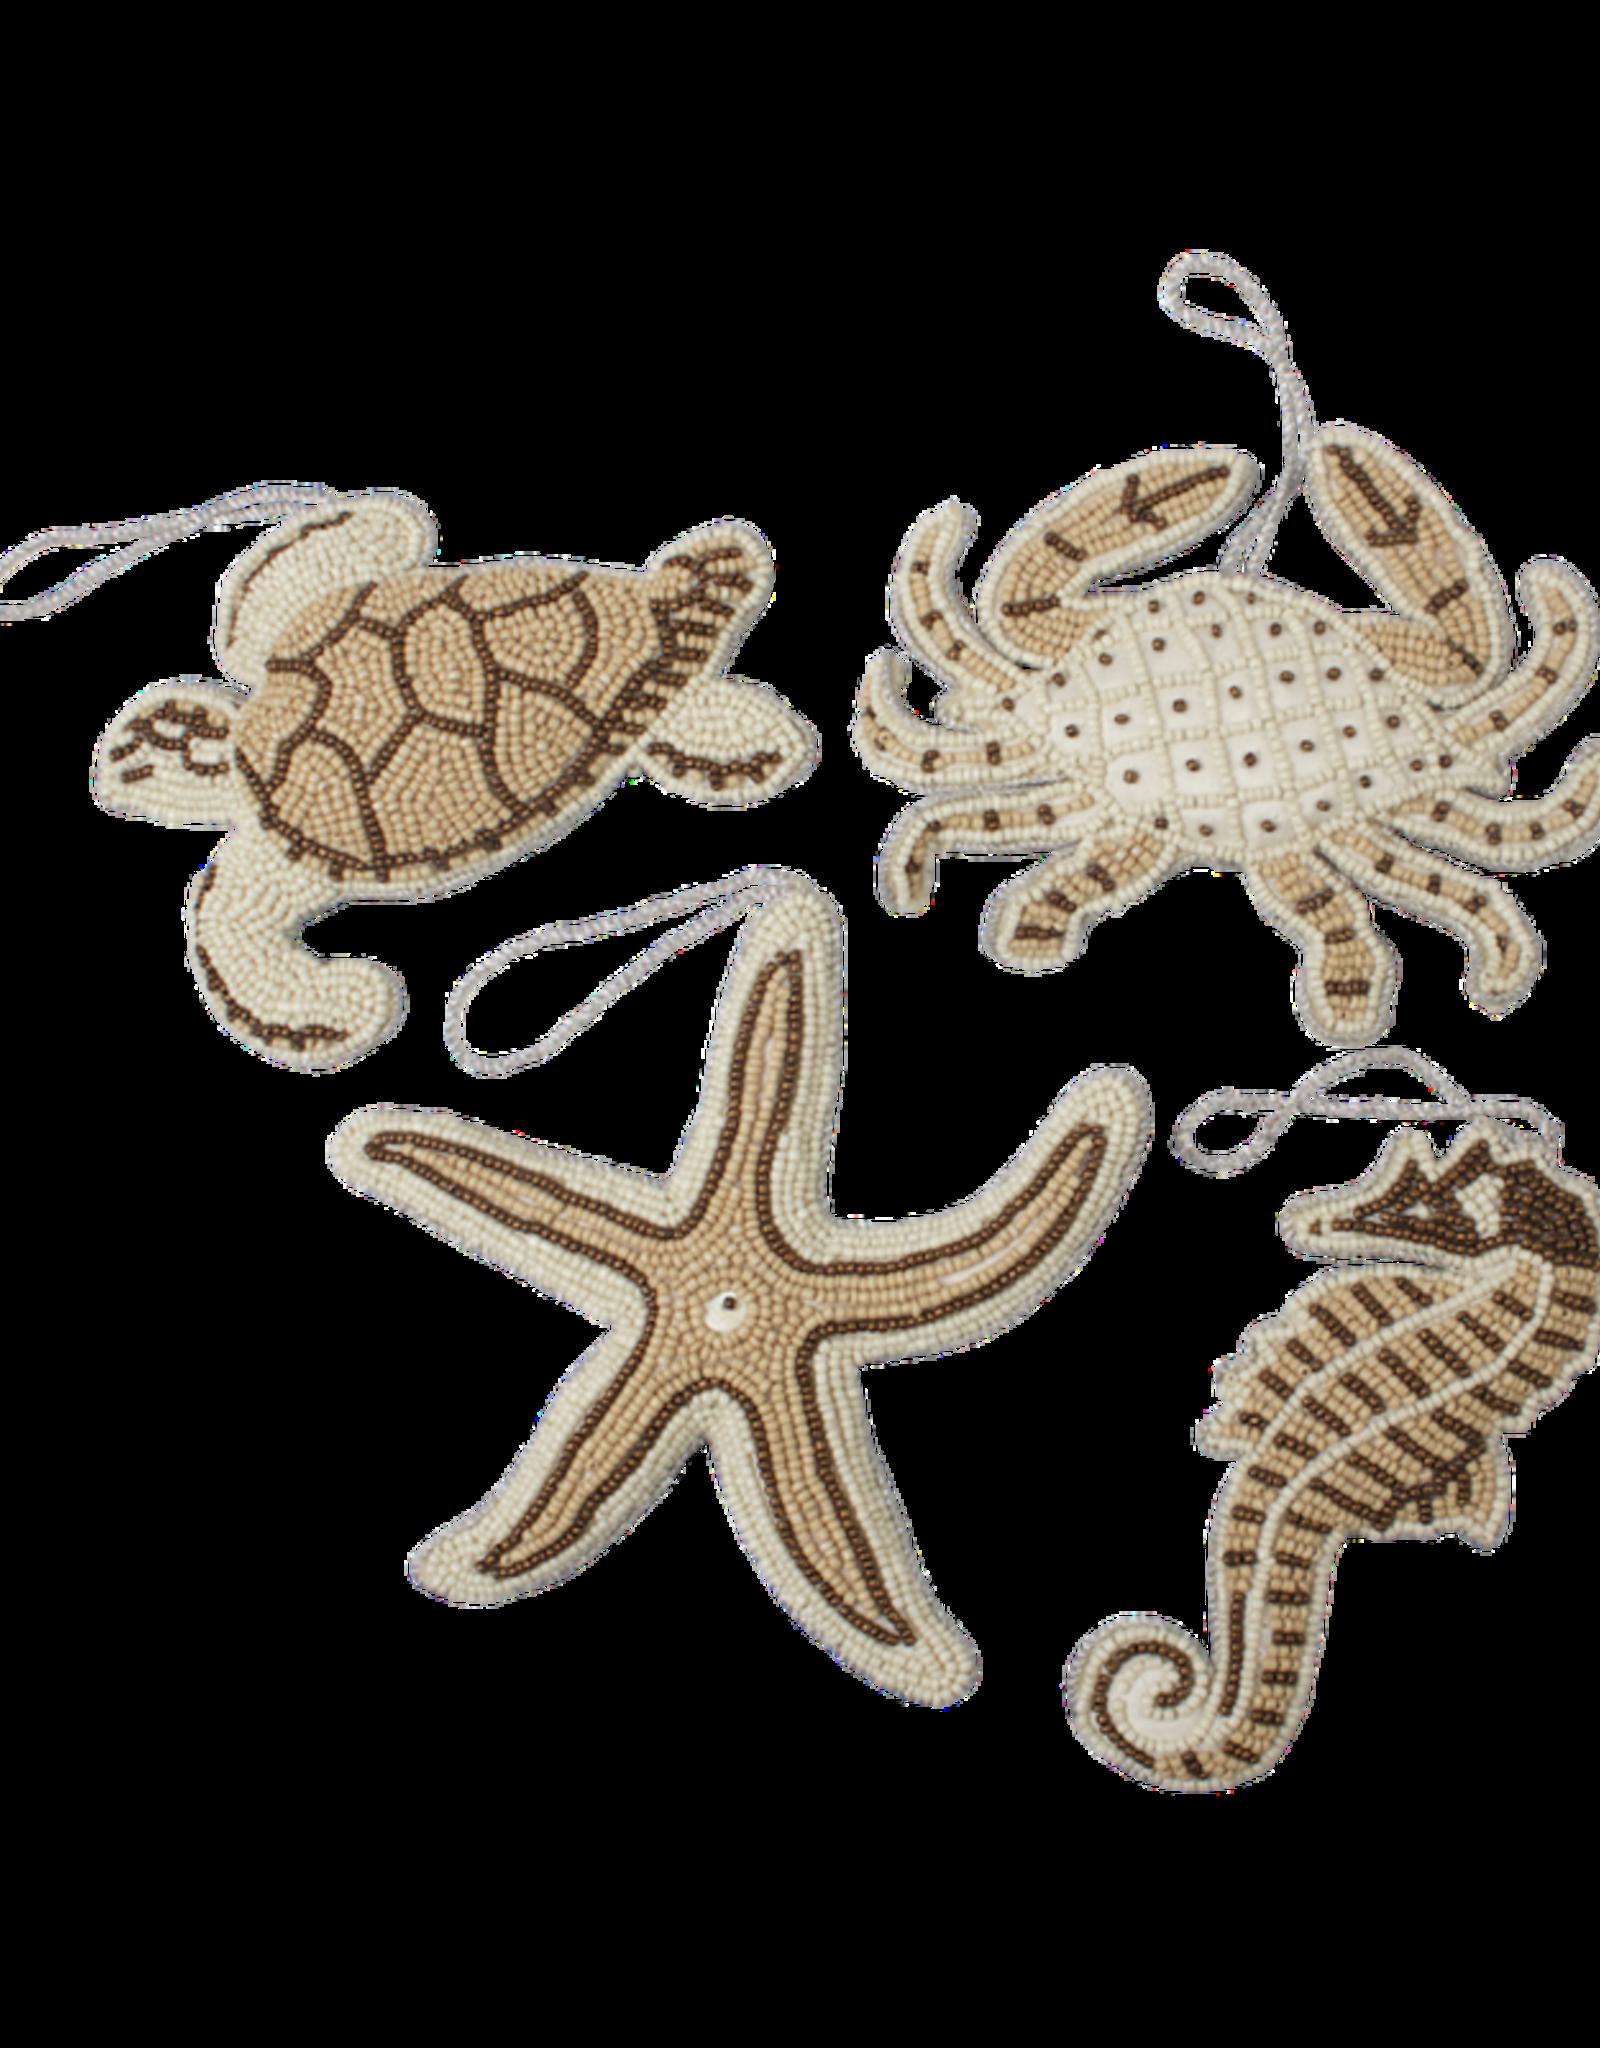 A La X-mas hanger beads ocean A La